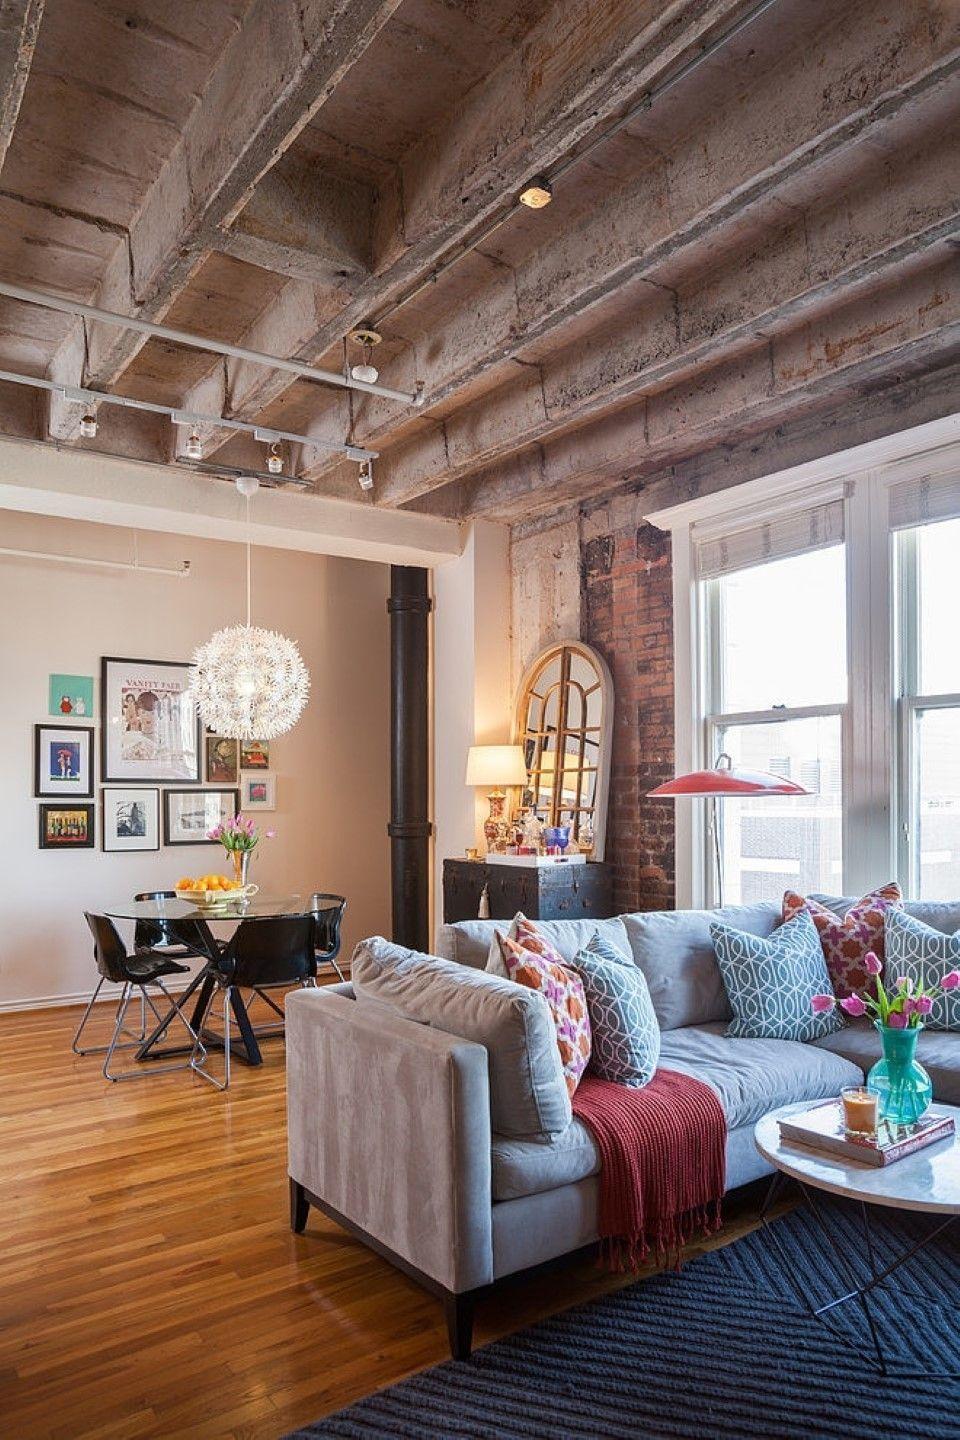 Бетонный потолок со сваями и кирпичная стена в квартире в стиле лофт